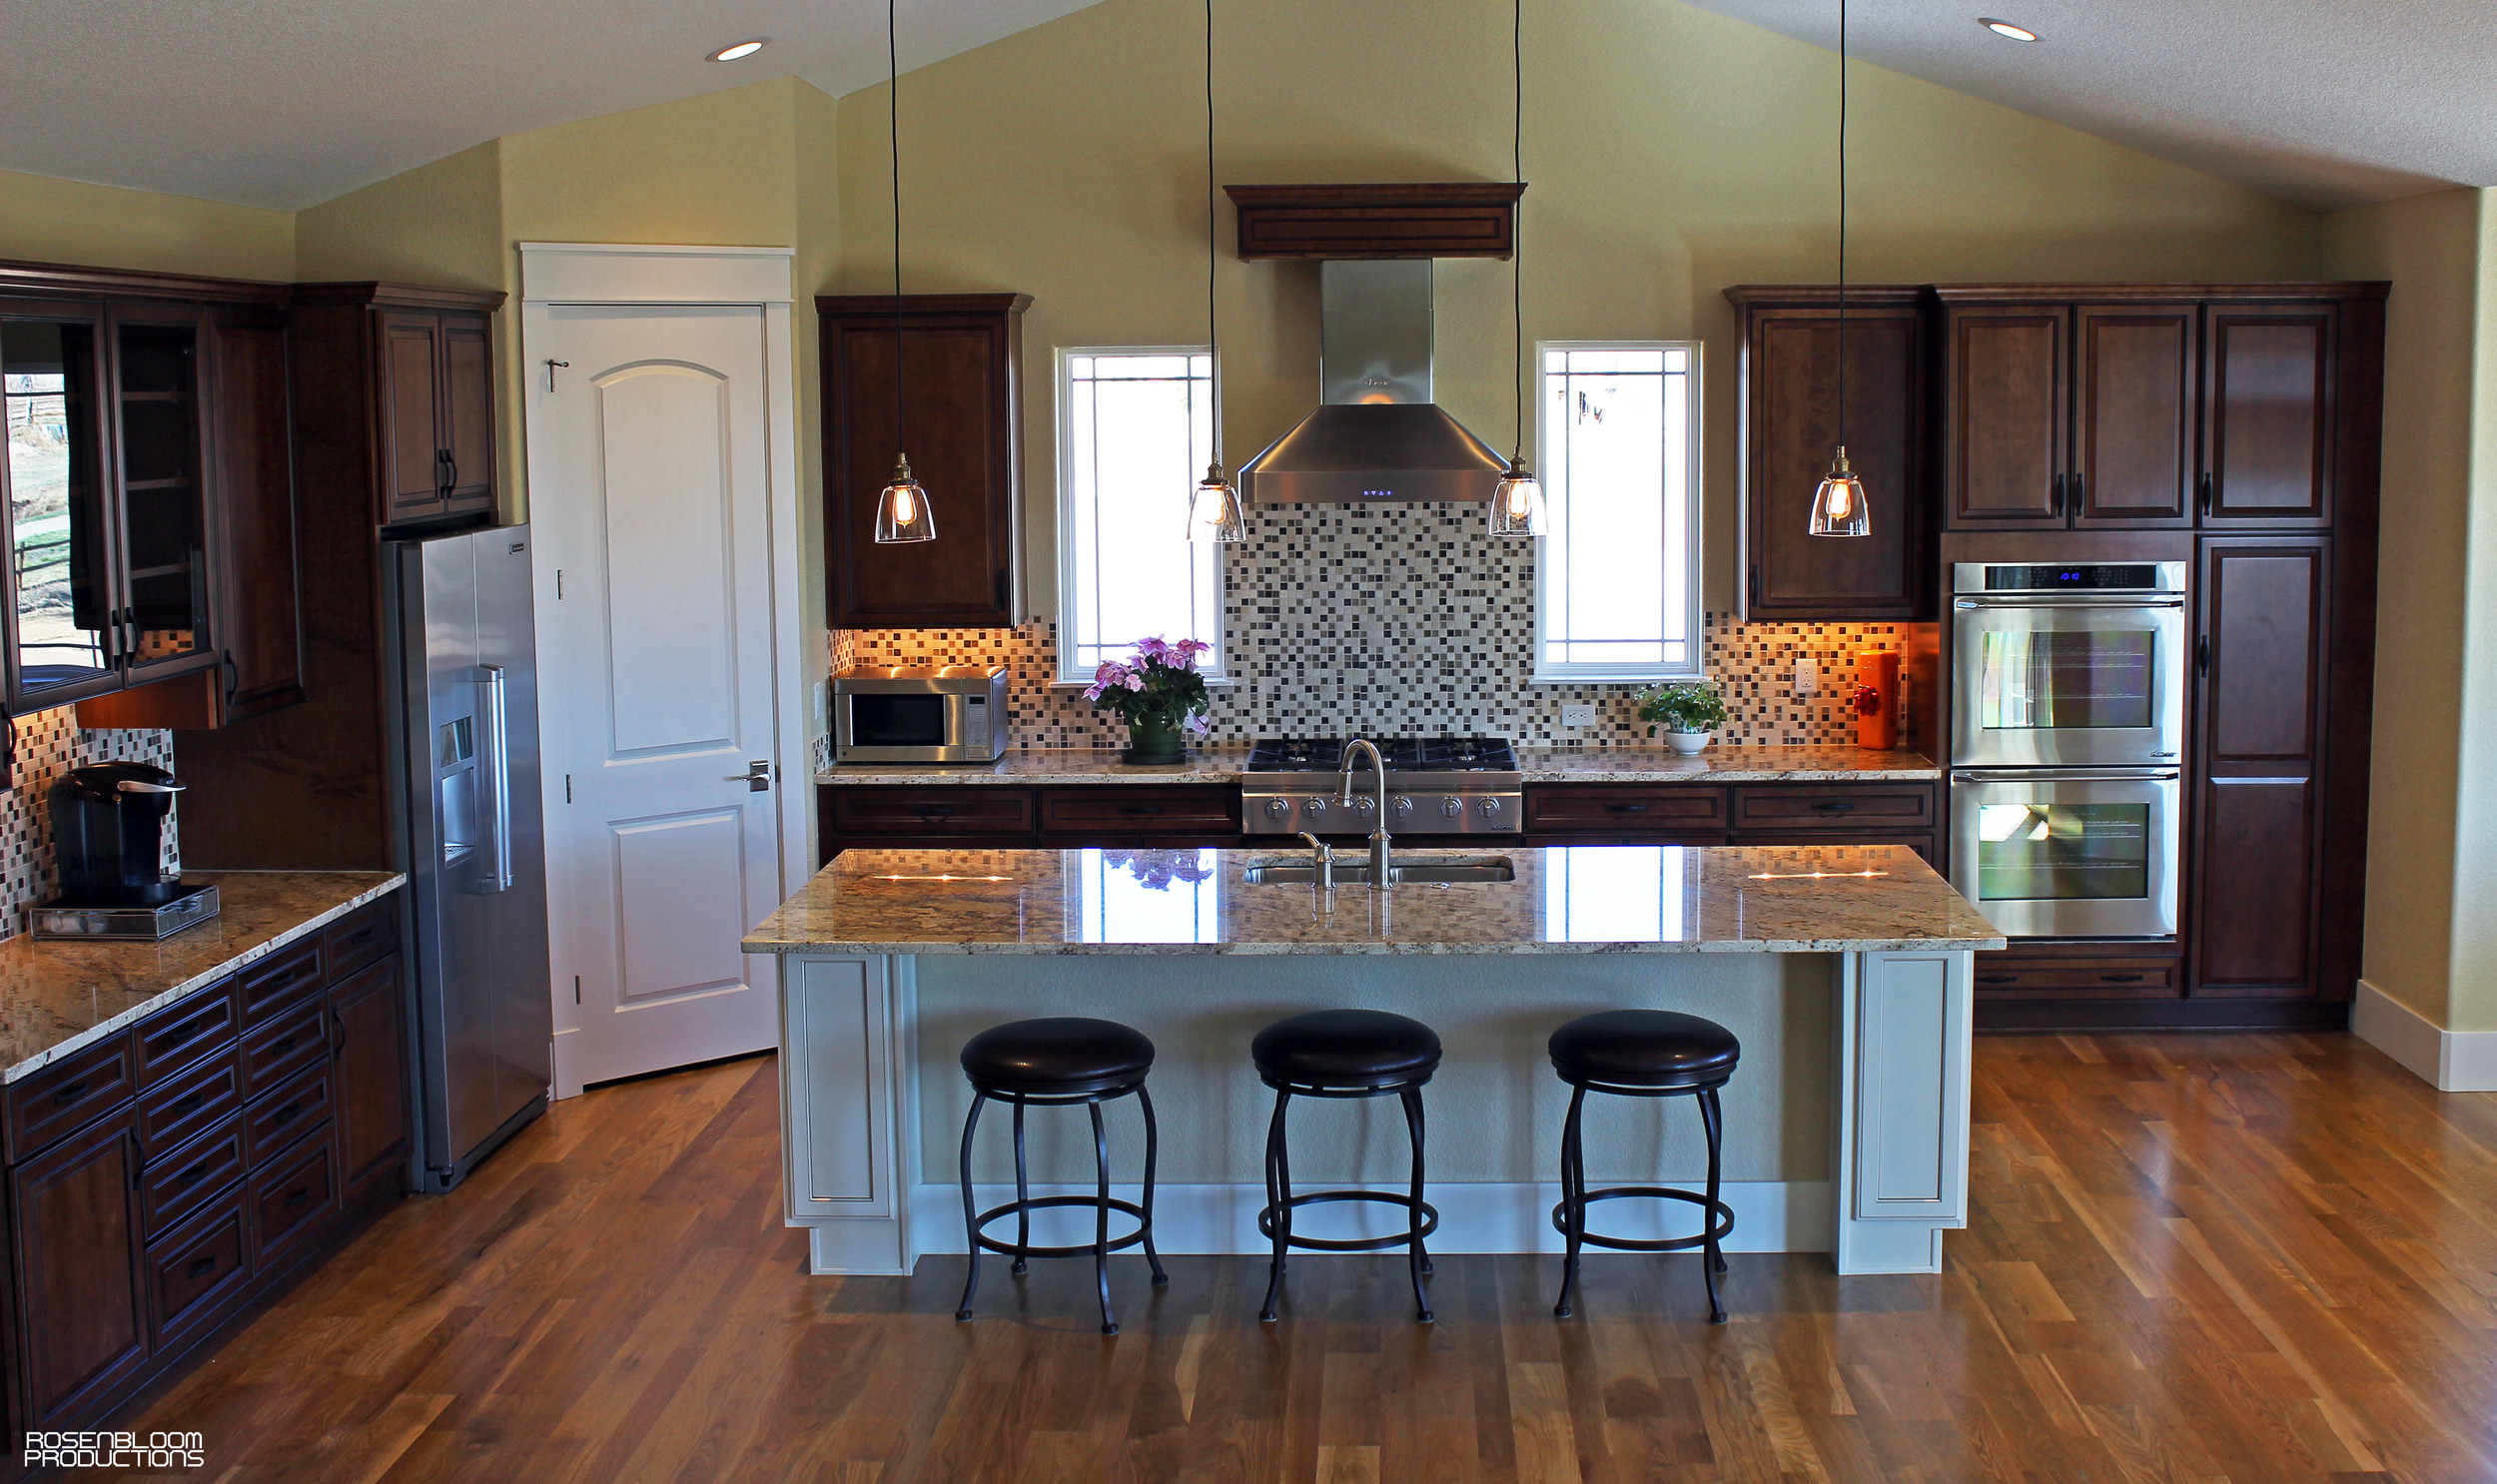 Whole_Kitchen2_LR.jpg